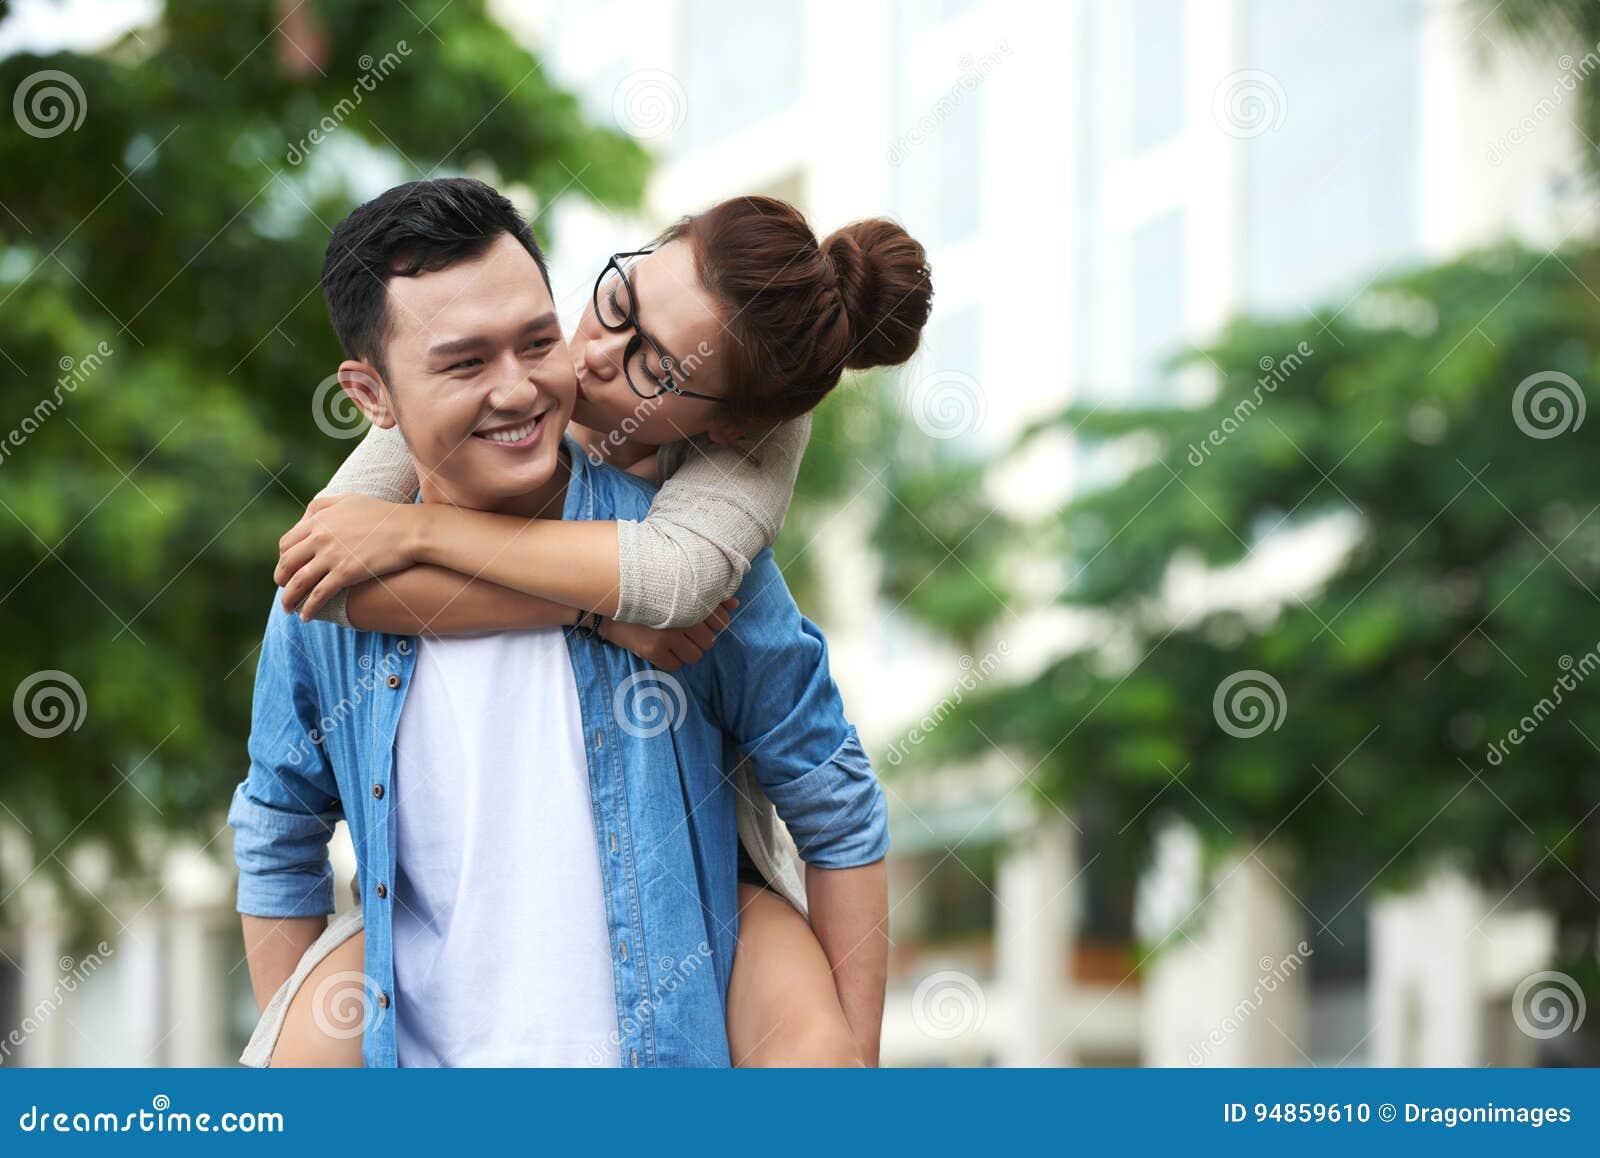 Asiatico signora dating